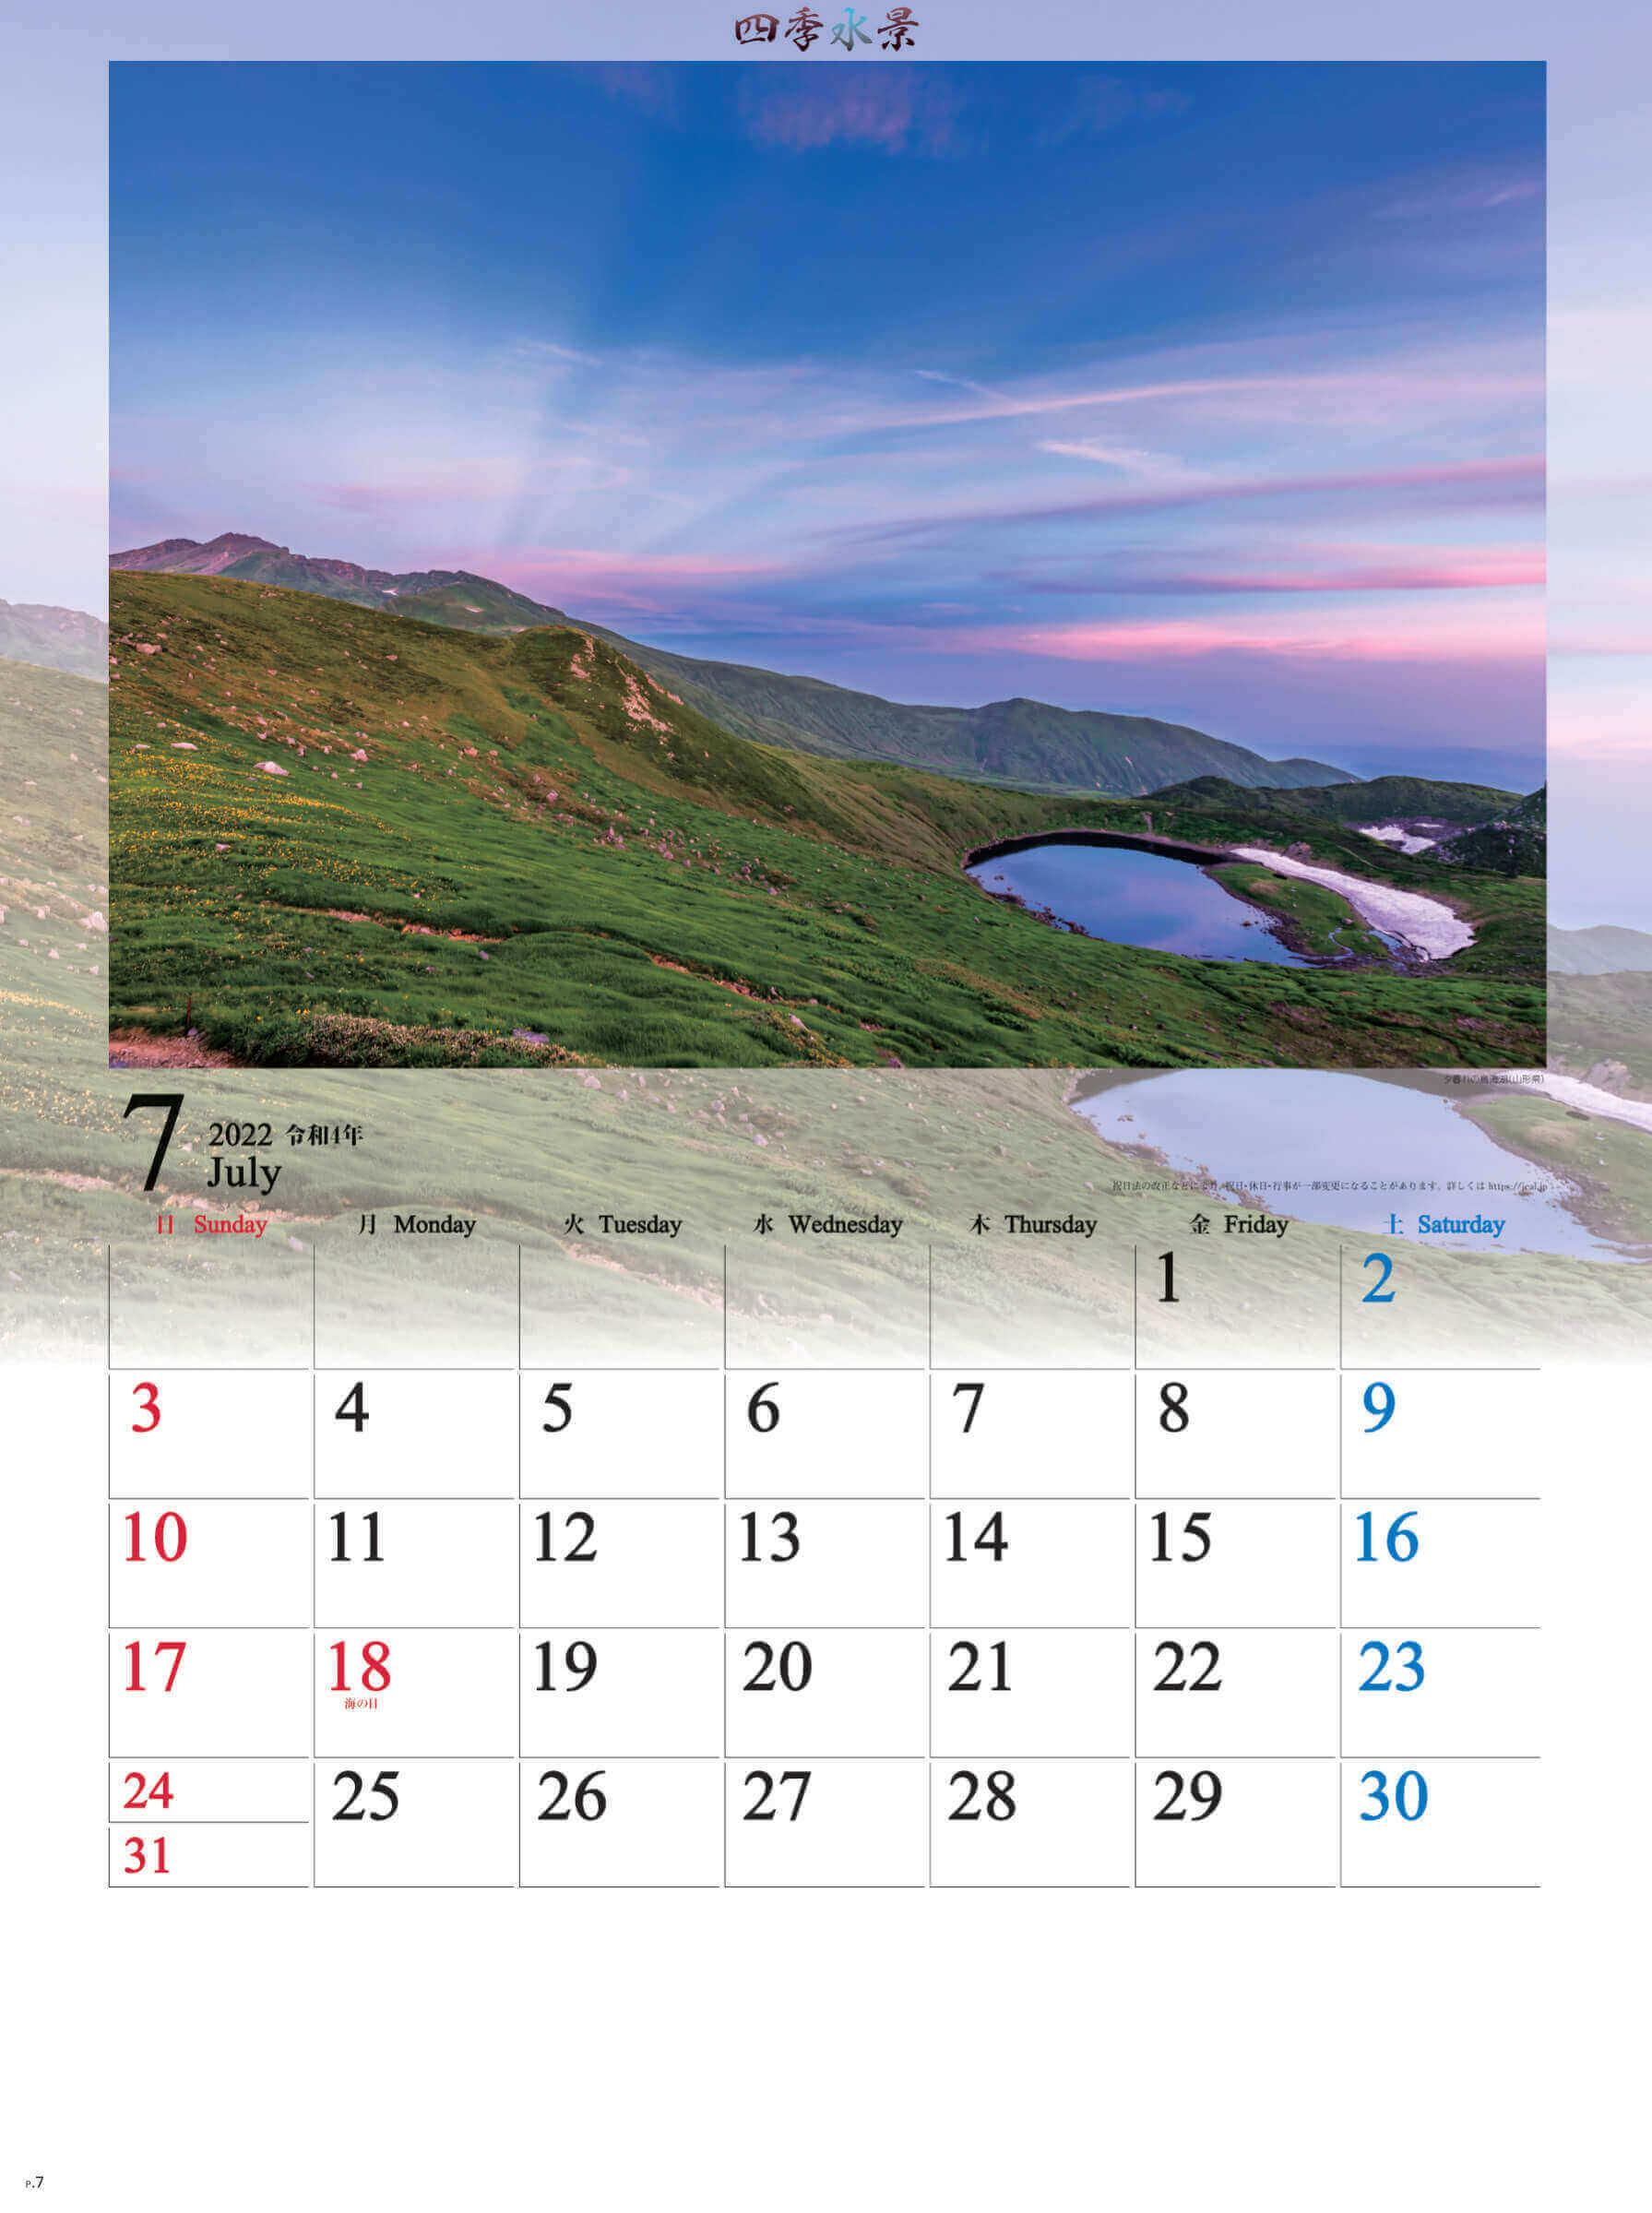 7月 鳥海湖(山形) 四季水景 2022年カレンダーの画像